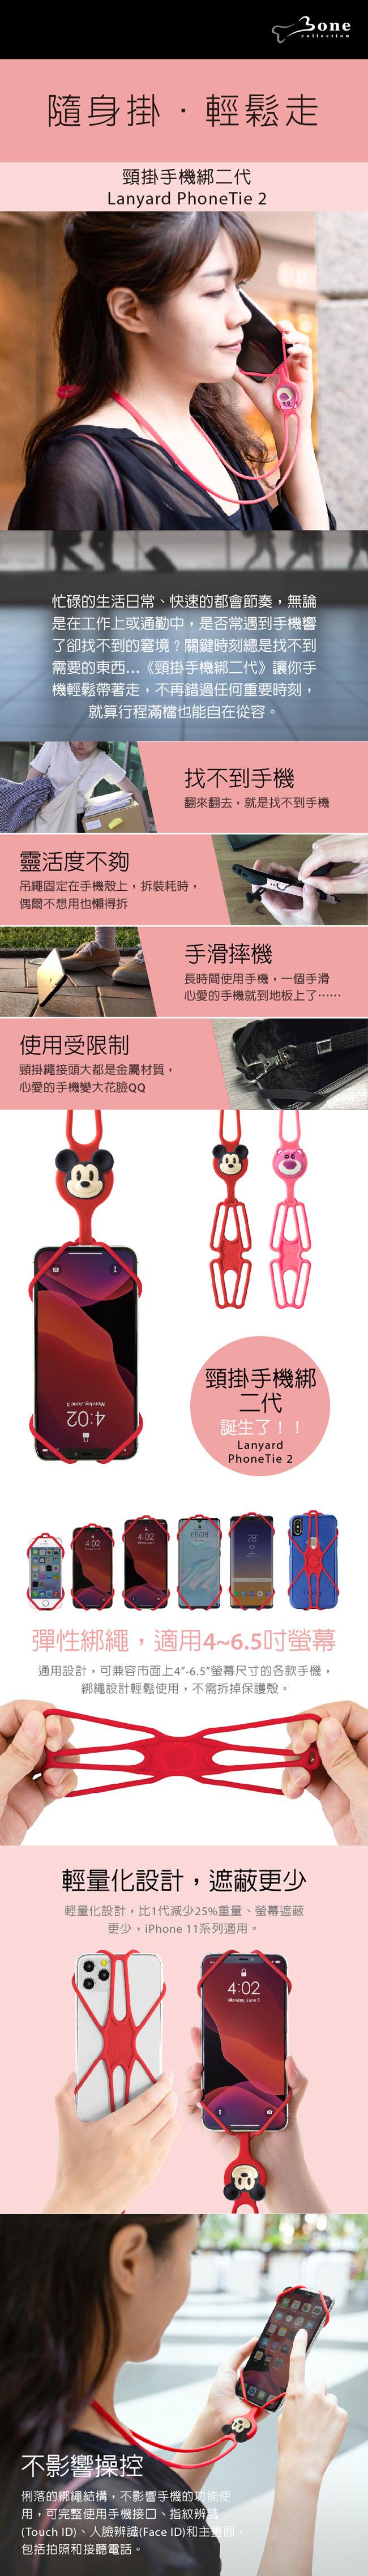 (複製)Bone | 頸掛手機綁二代 Lanyard PhoneTie 2 - 企鵝小丸